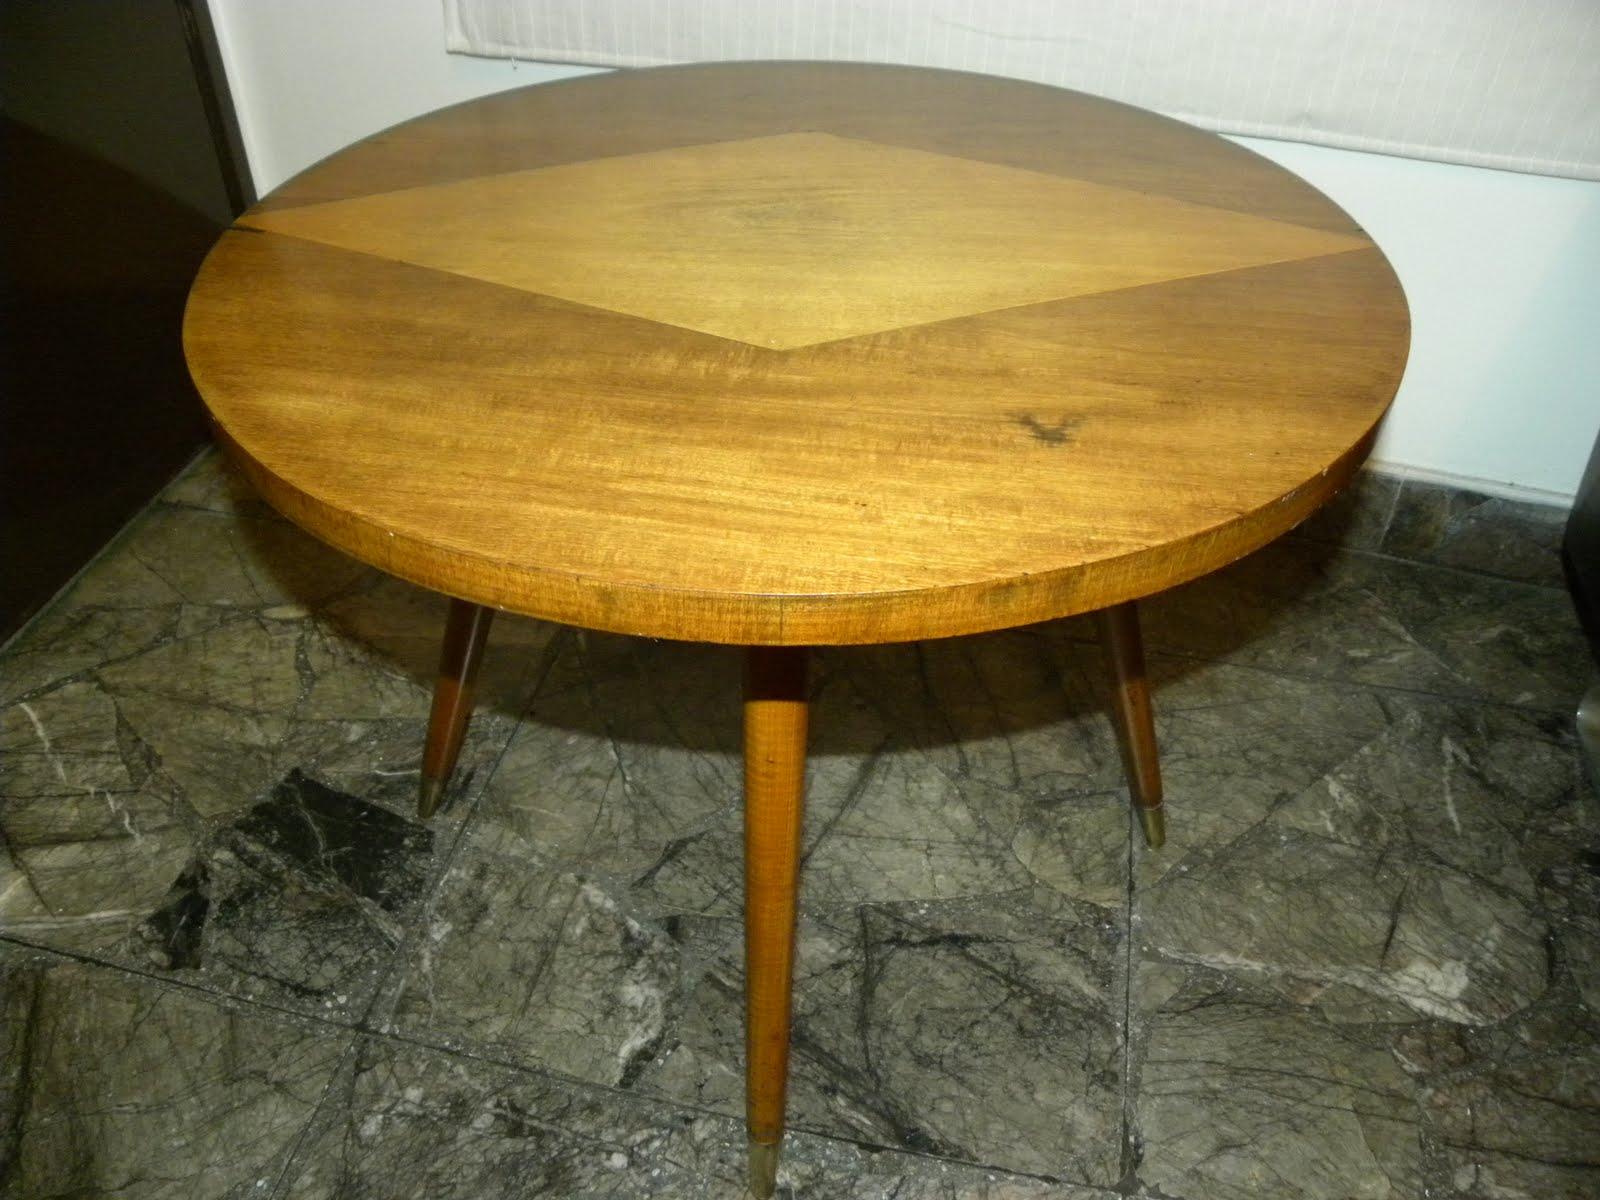 Deco retro vintage mesa ratona americana costado de sill n - Decoracion retro americana ...